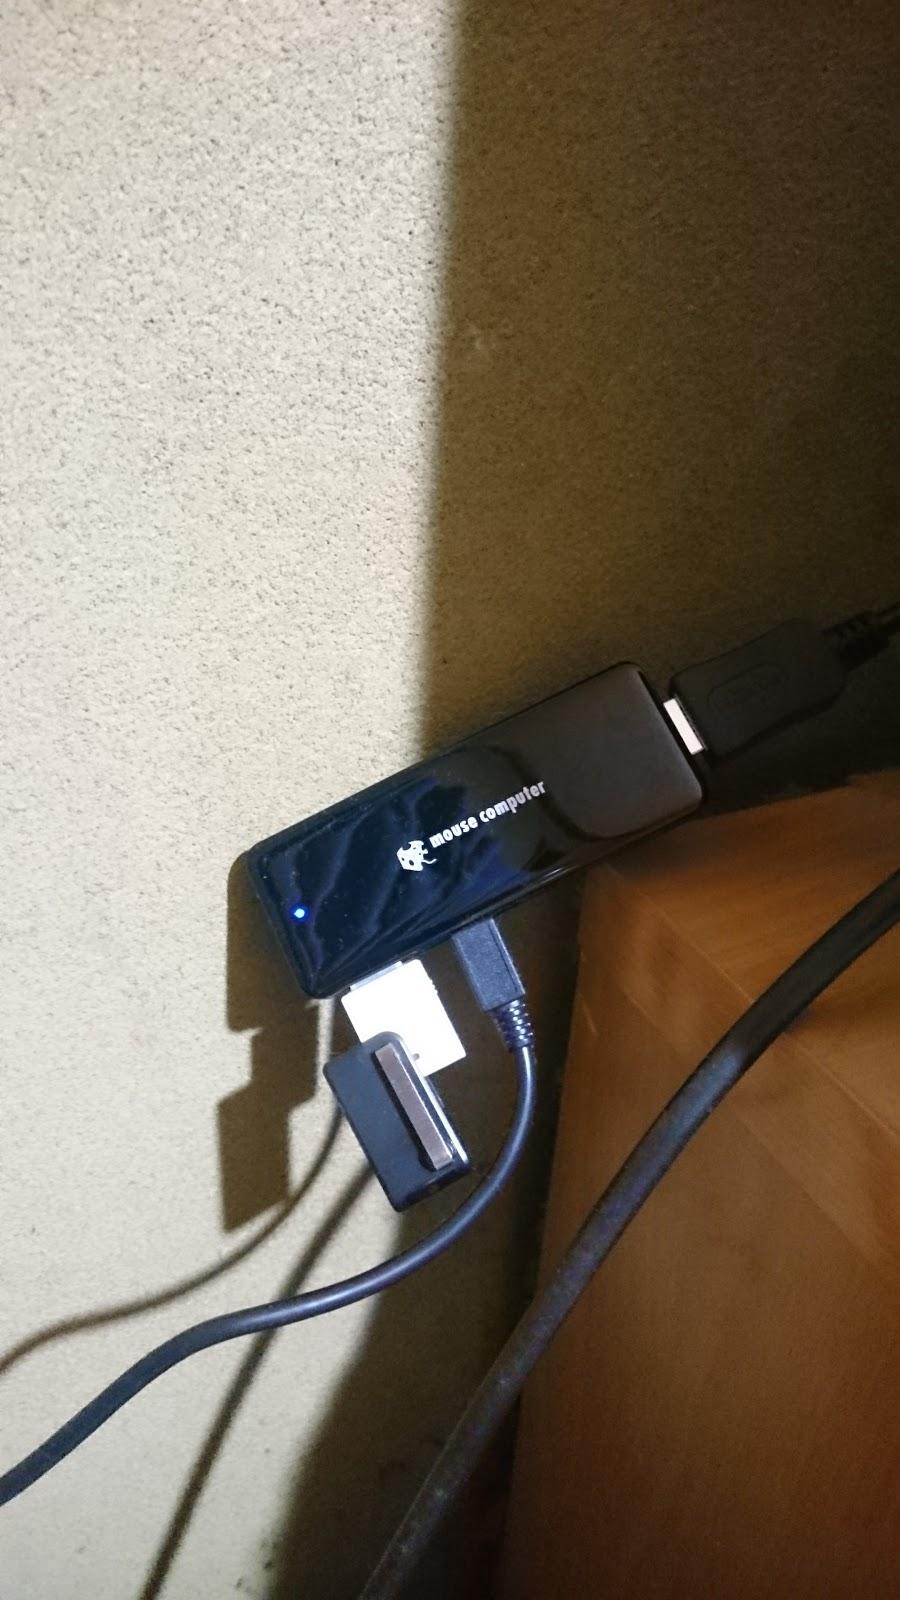 テレビに接続したスティックPCの本体